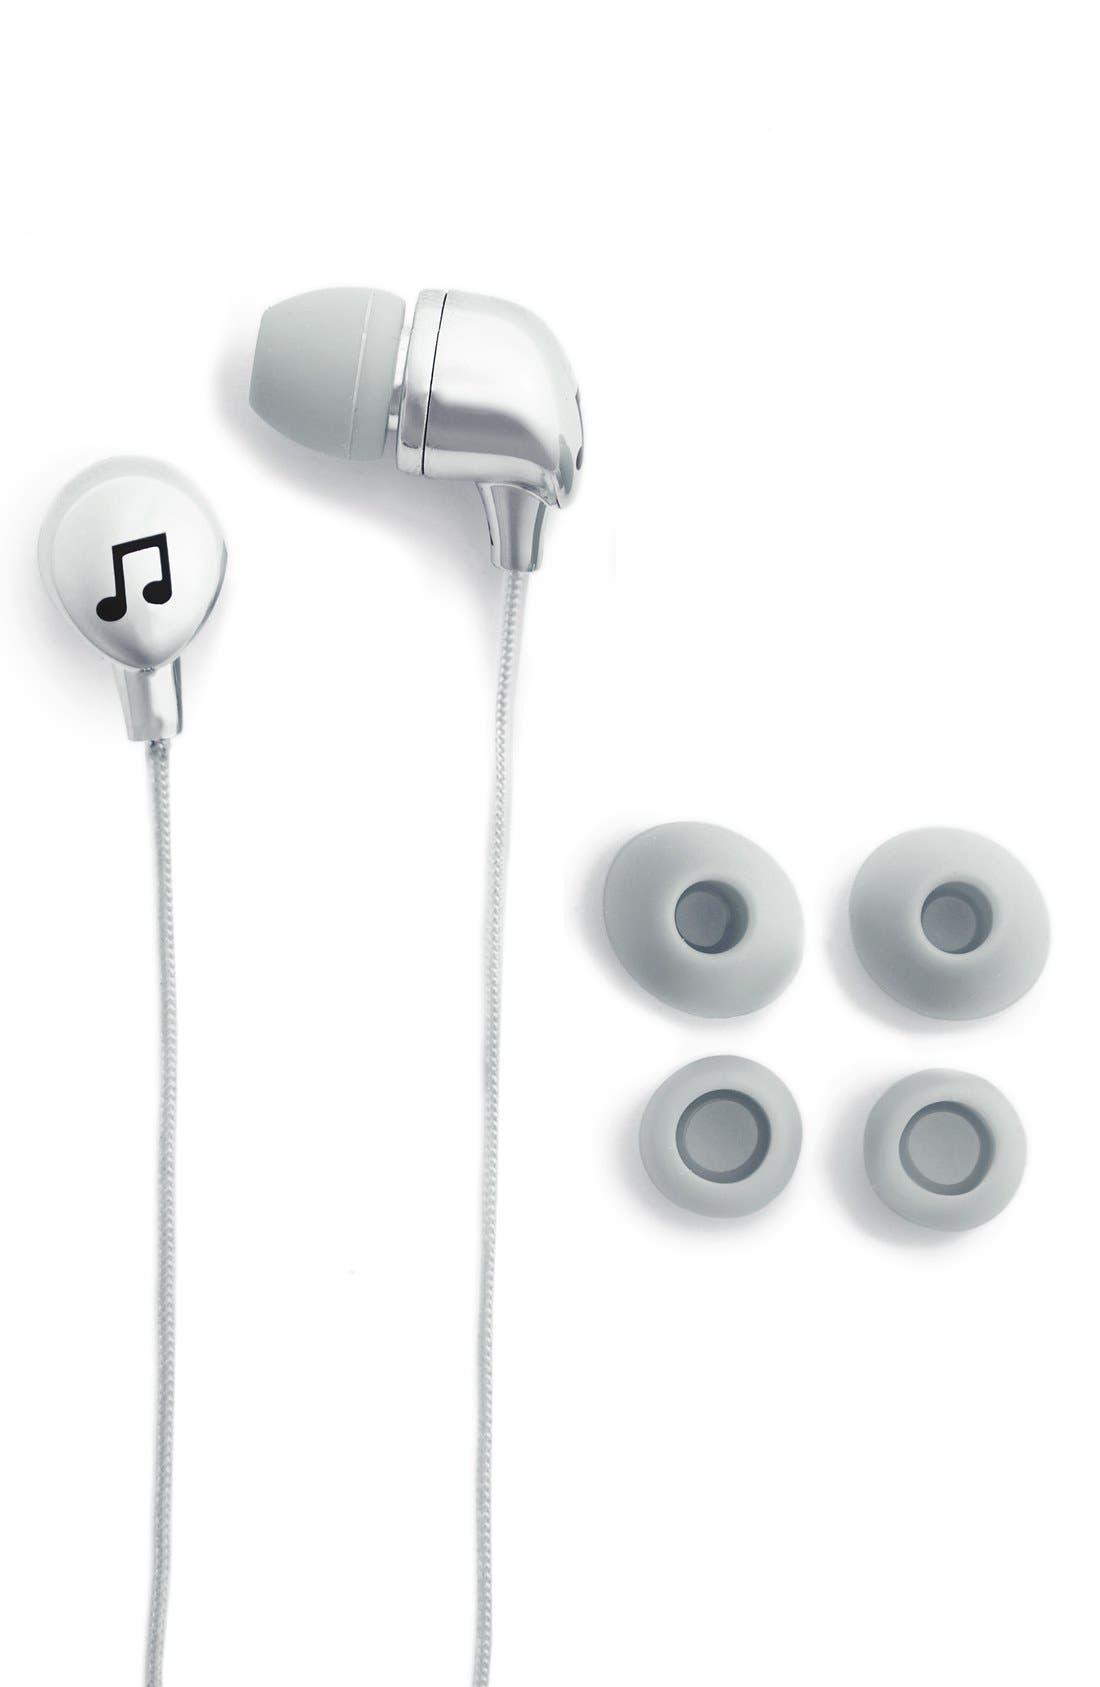 Alternate Image 1 Selected - Happy Plugs In-Ear Headphones